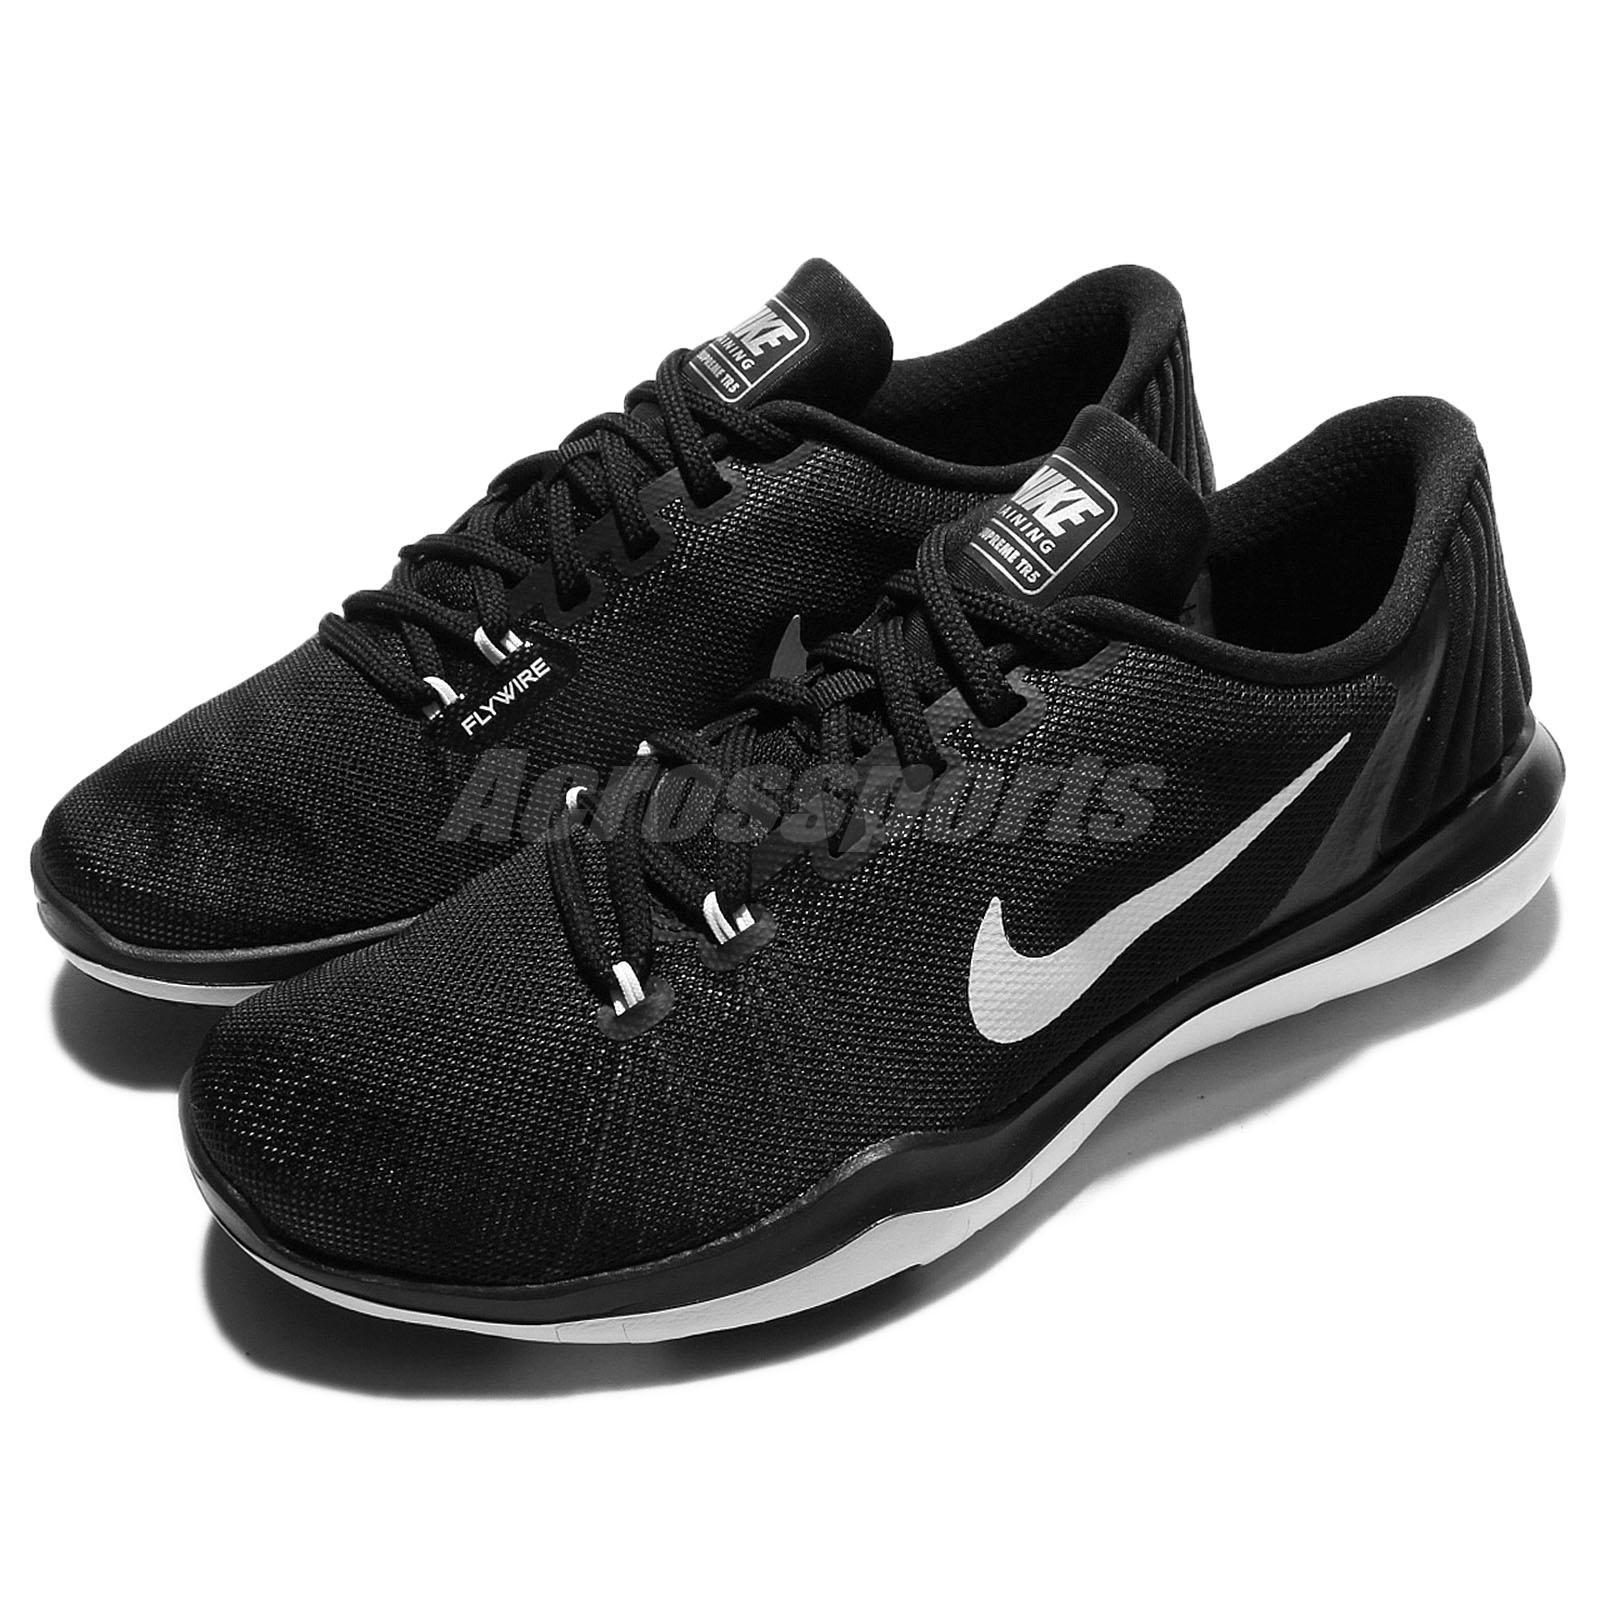 1c65cda357db Wmns Nike Flex Supreme TR 5 V Black White Women Training Shoe ...